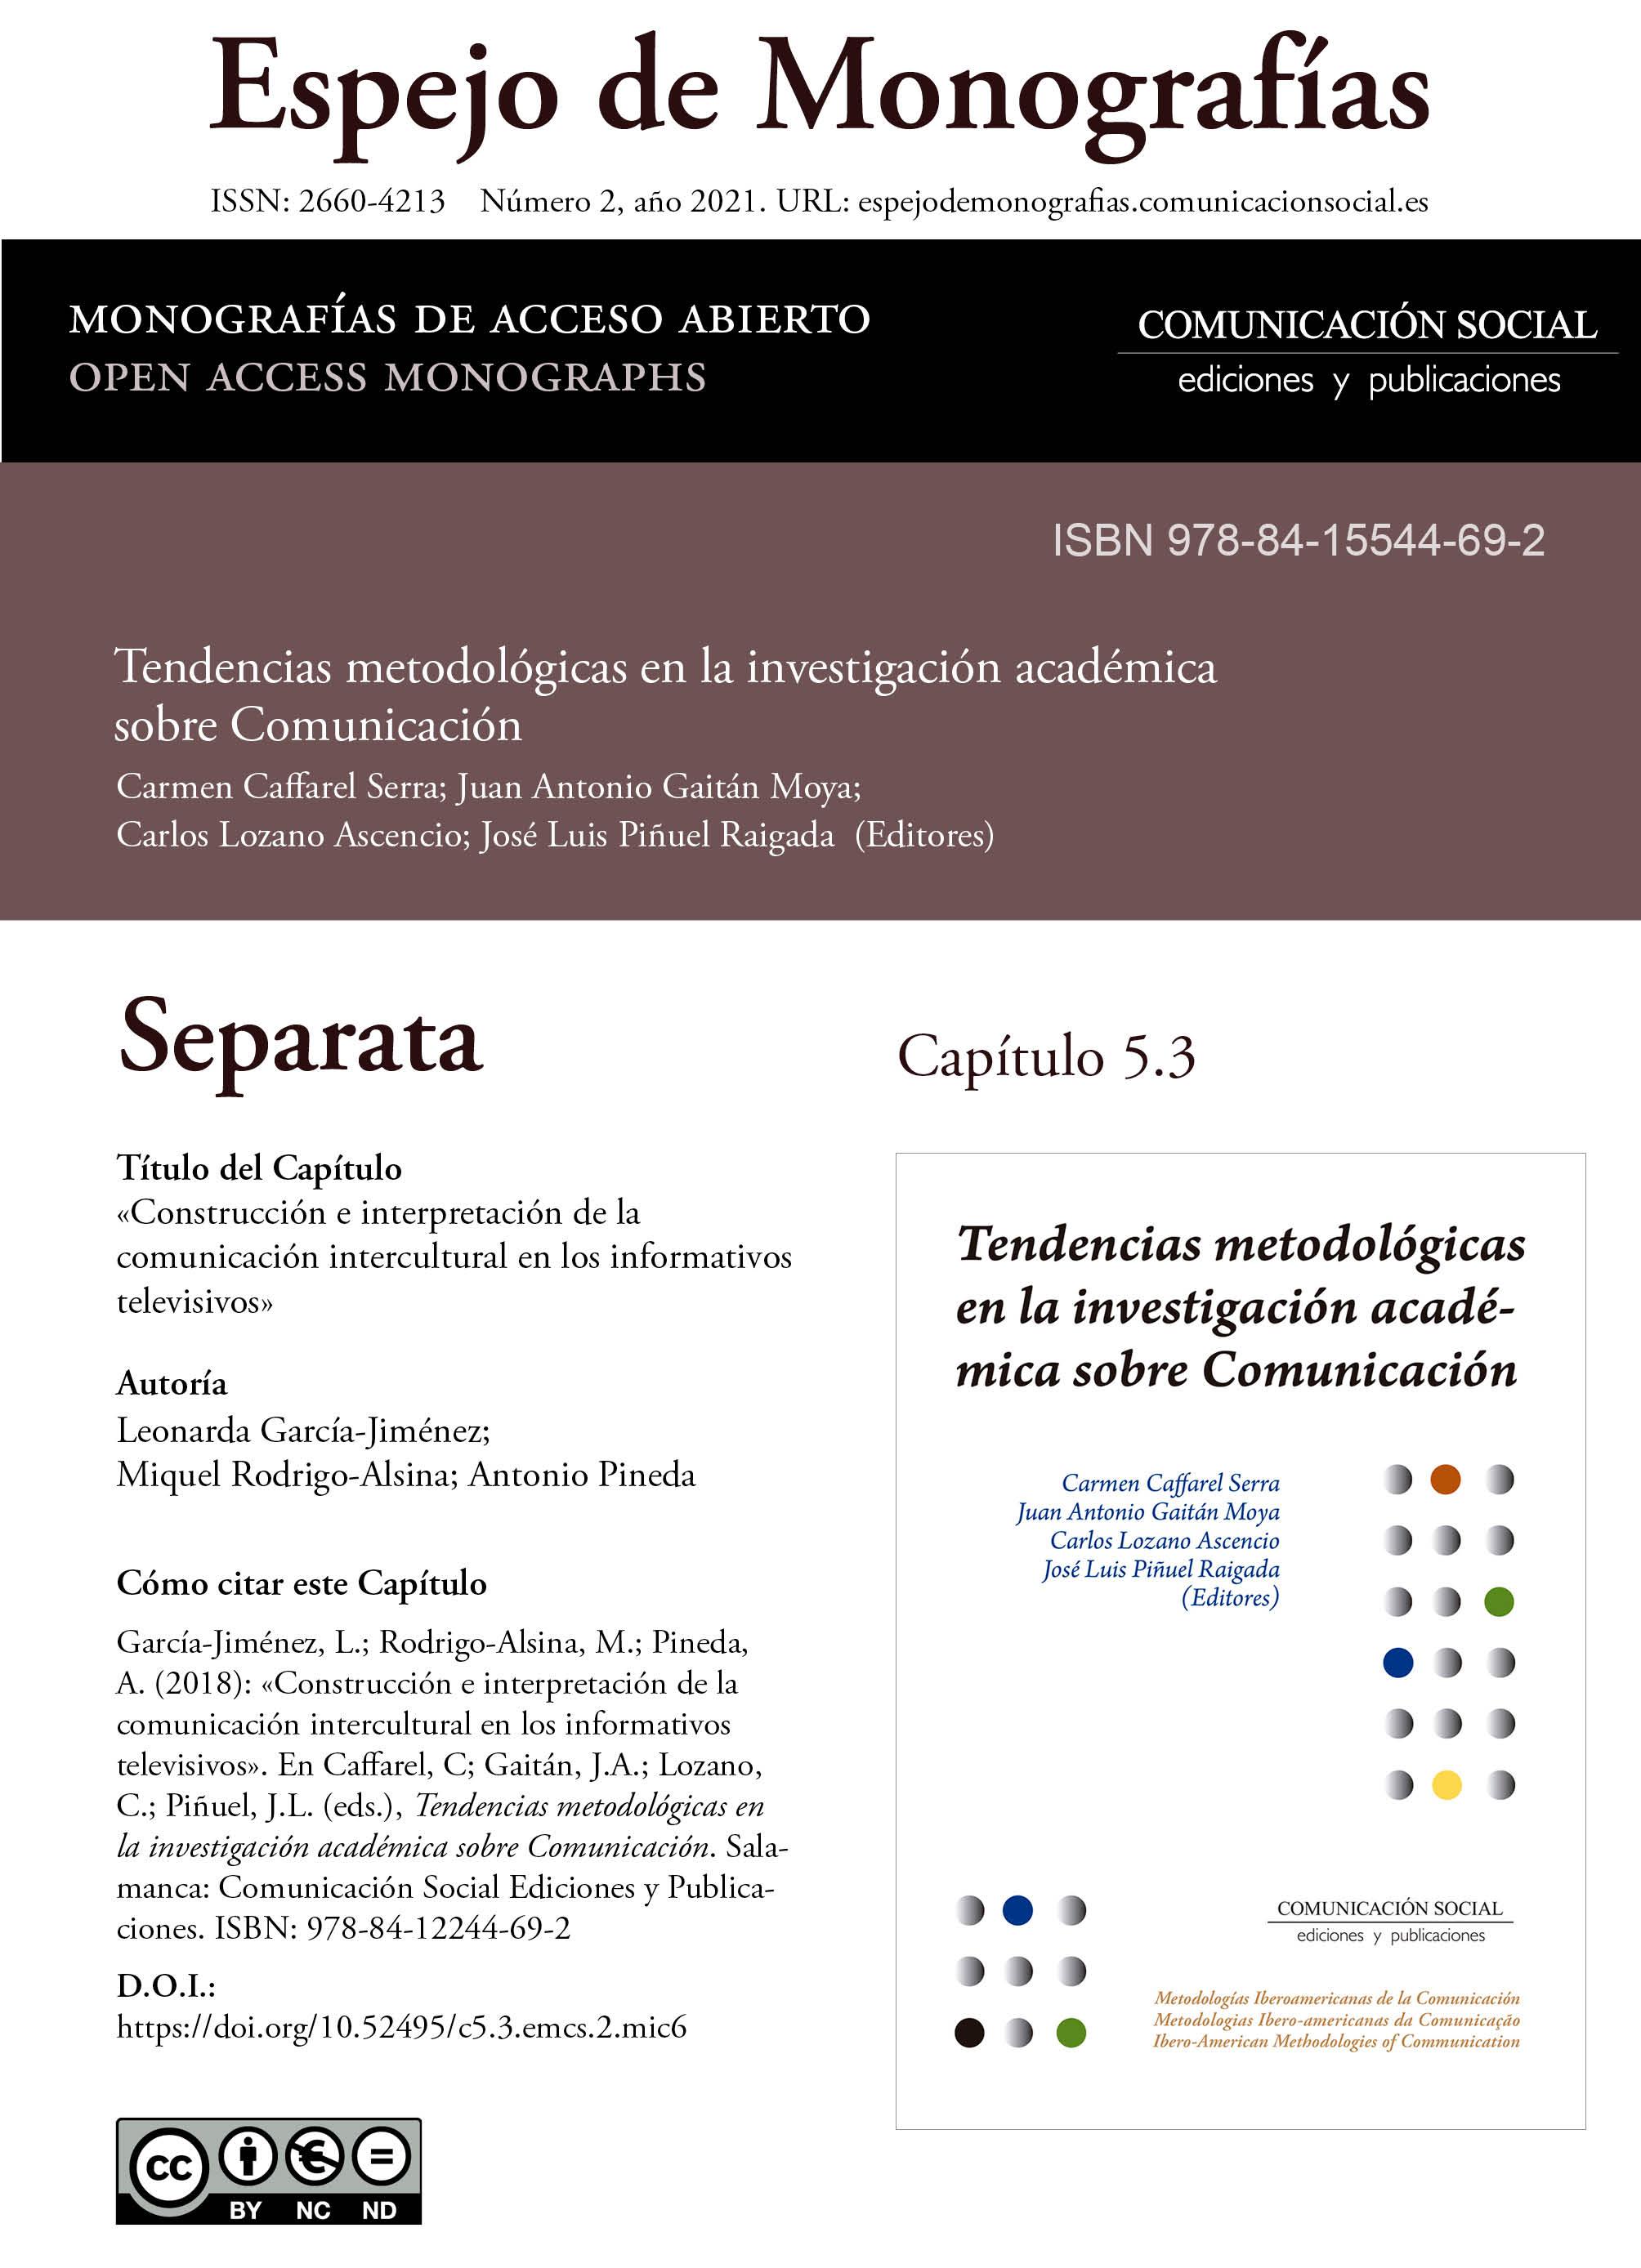 Separata del Capítulo 5.3 correspondiente a la monografía Tendencias metodológicas en la investigación académica en Comunicación